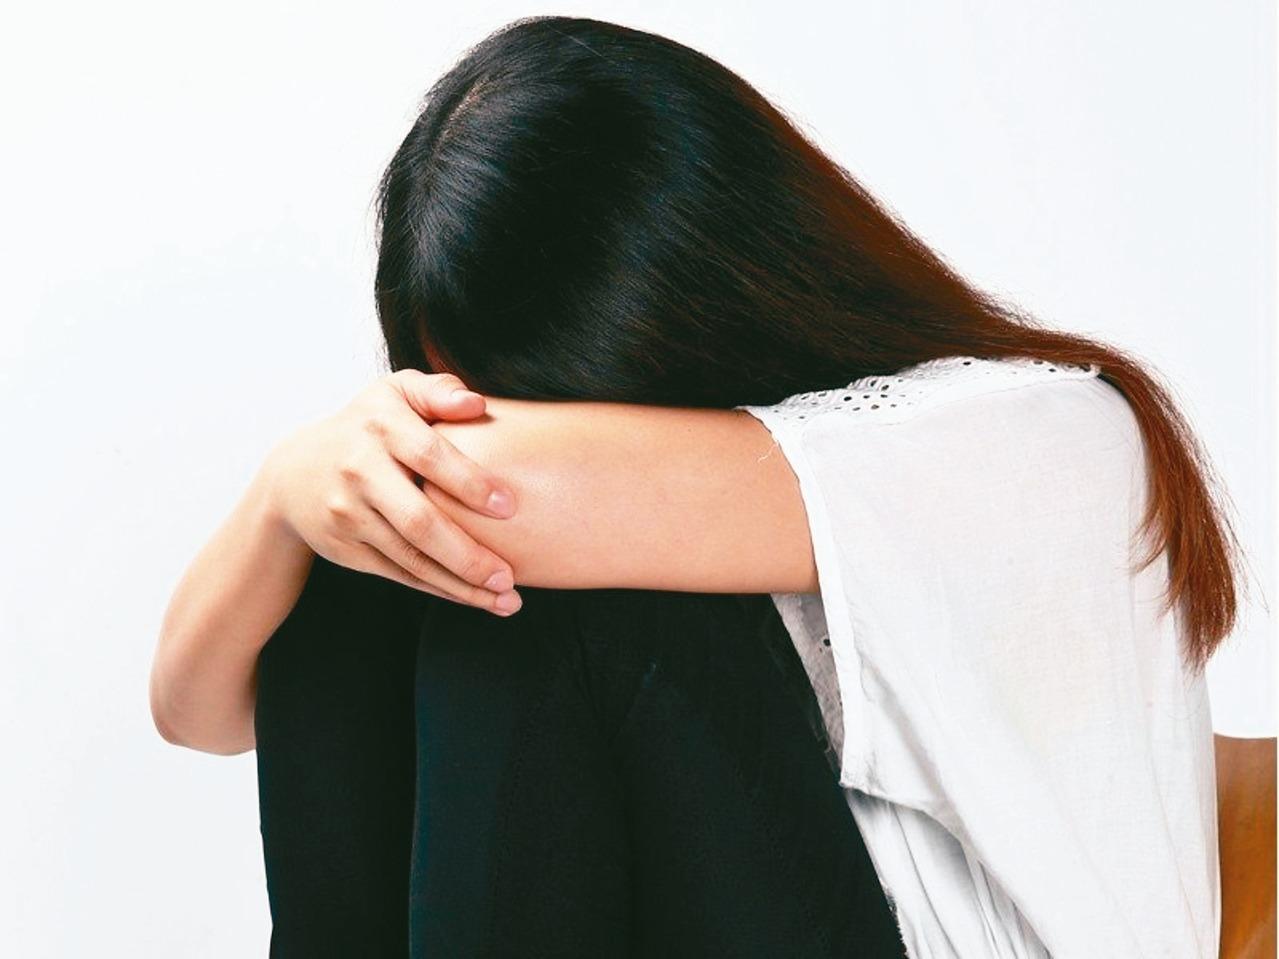 知名作家、精神科醫師鄧惠文表示,無論社會怎麼變,「社會來決定女性應該怎麼活著」這...